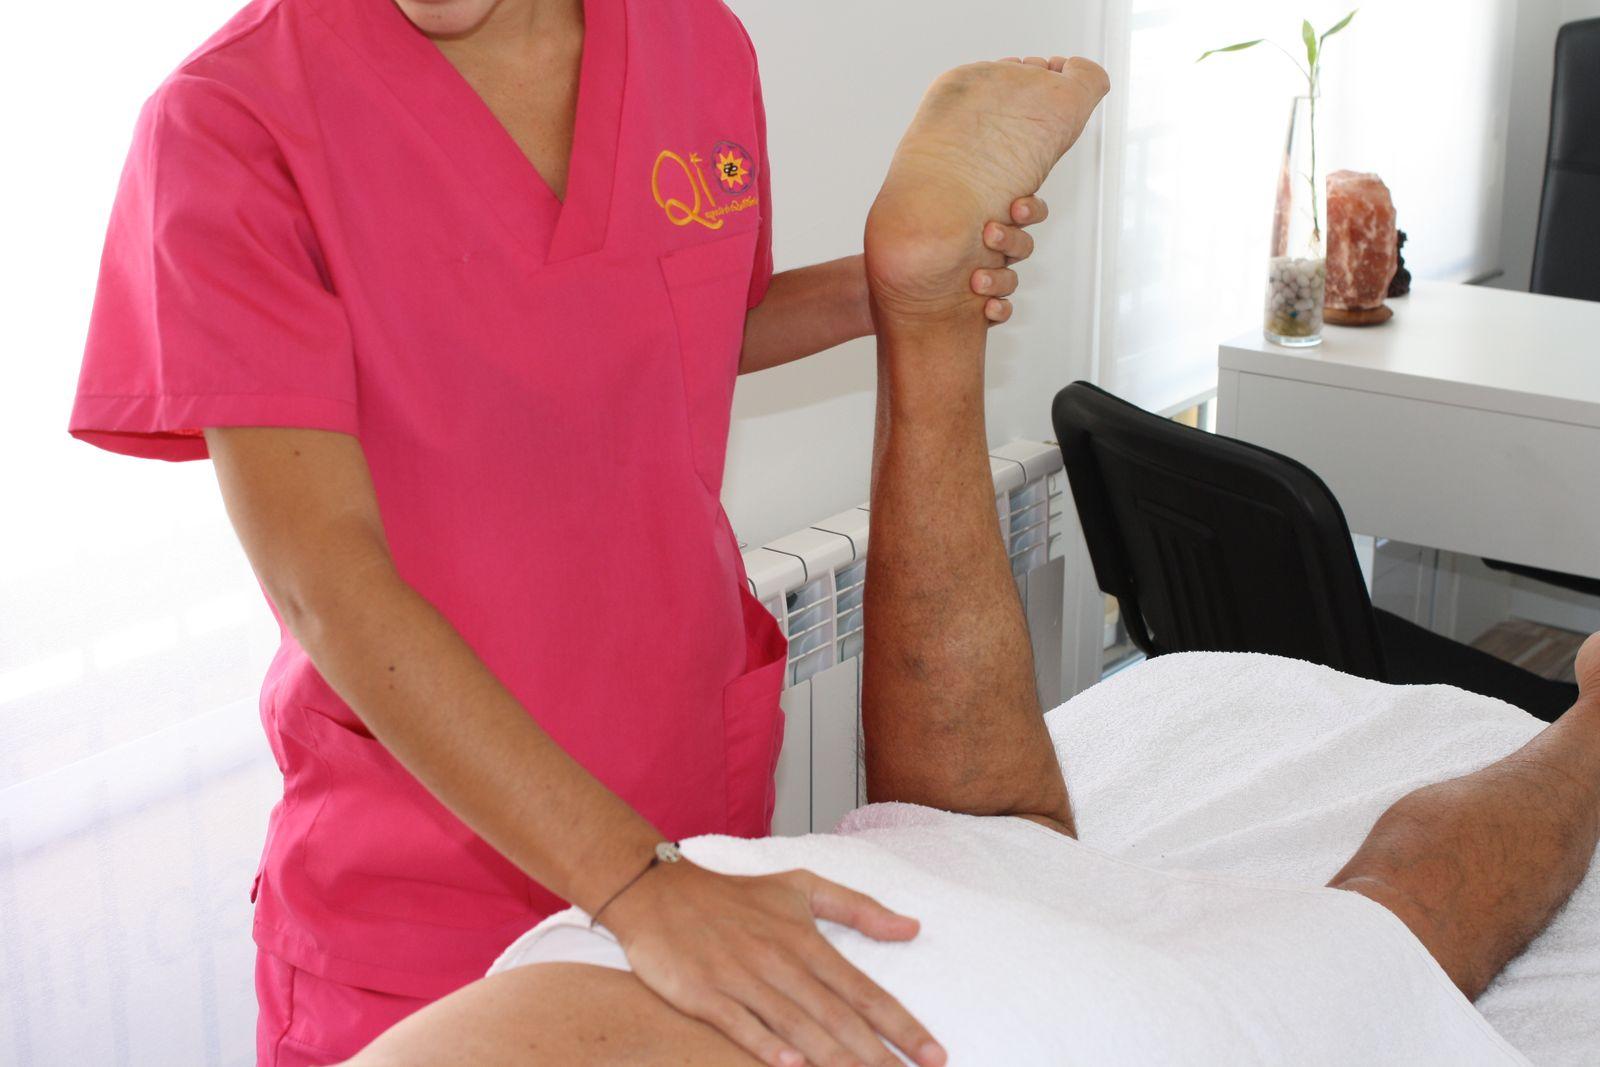 Osteopatía, Terapia Ocupacional, Psicología Clínica, terapias holísticas, osteopatía, psicología clínica, fisioterapia, Instituto de Técnicas Holísticas en Majadahonda